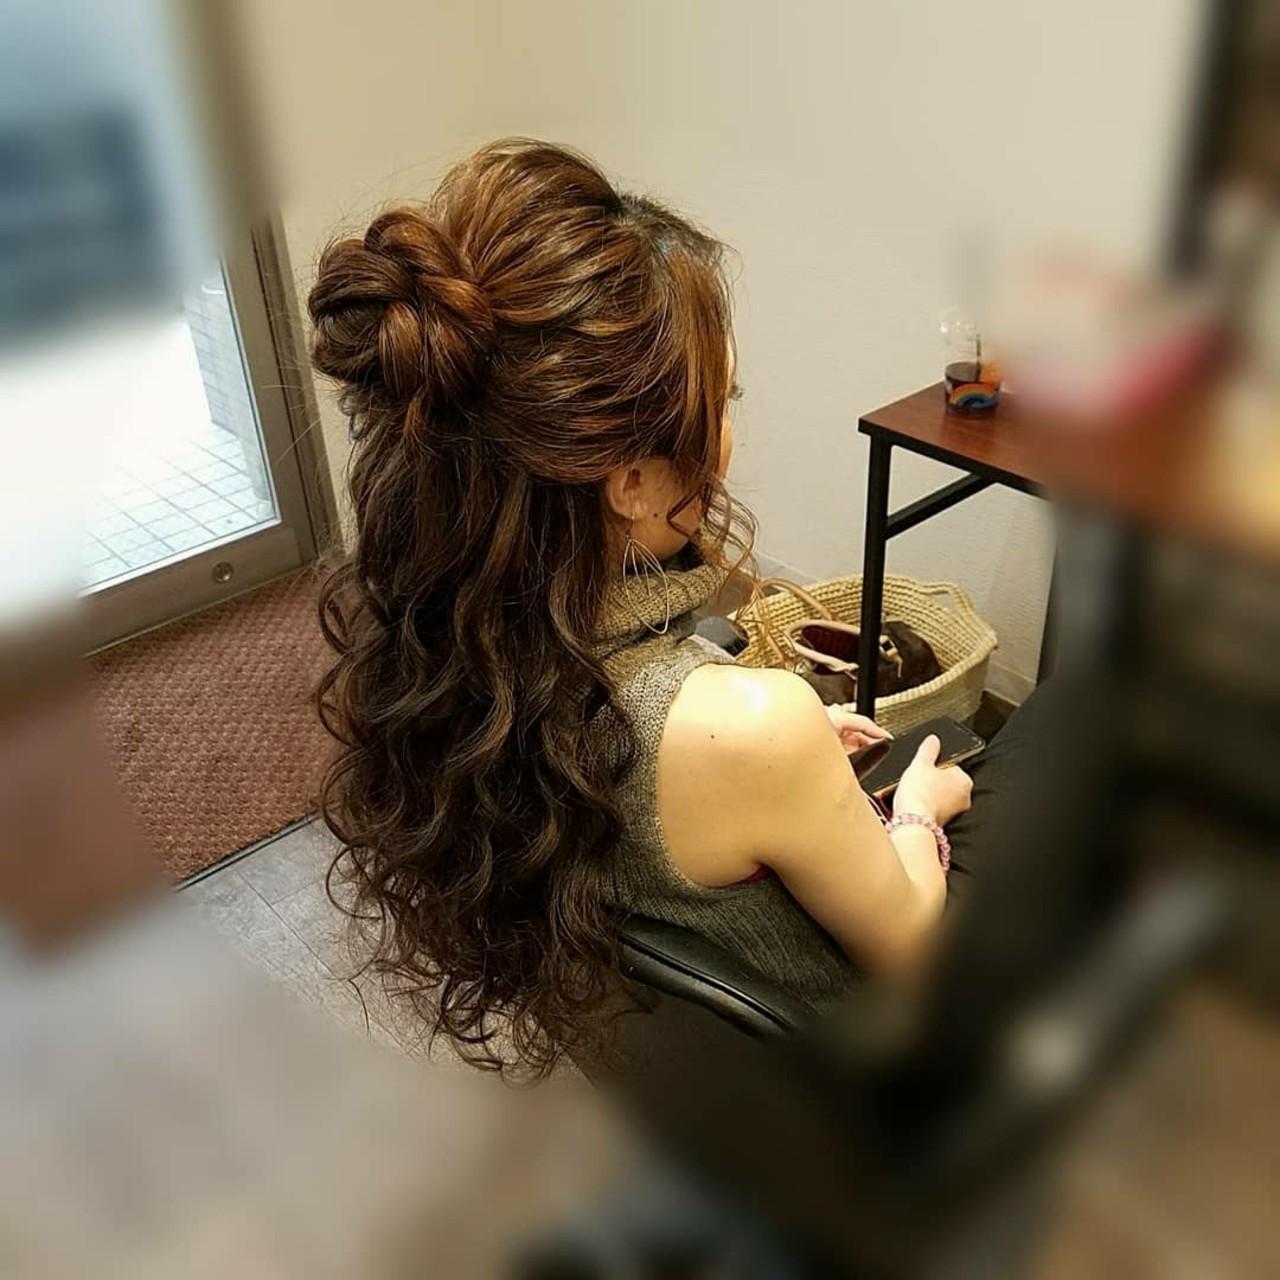 お団子 ヘアアレンジ フェミニン ロング ヘアスタイルや髪型の写真・画像